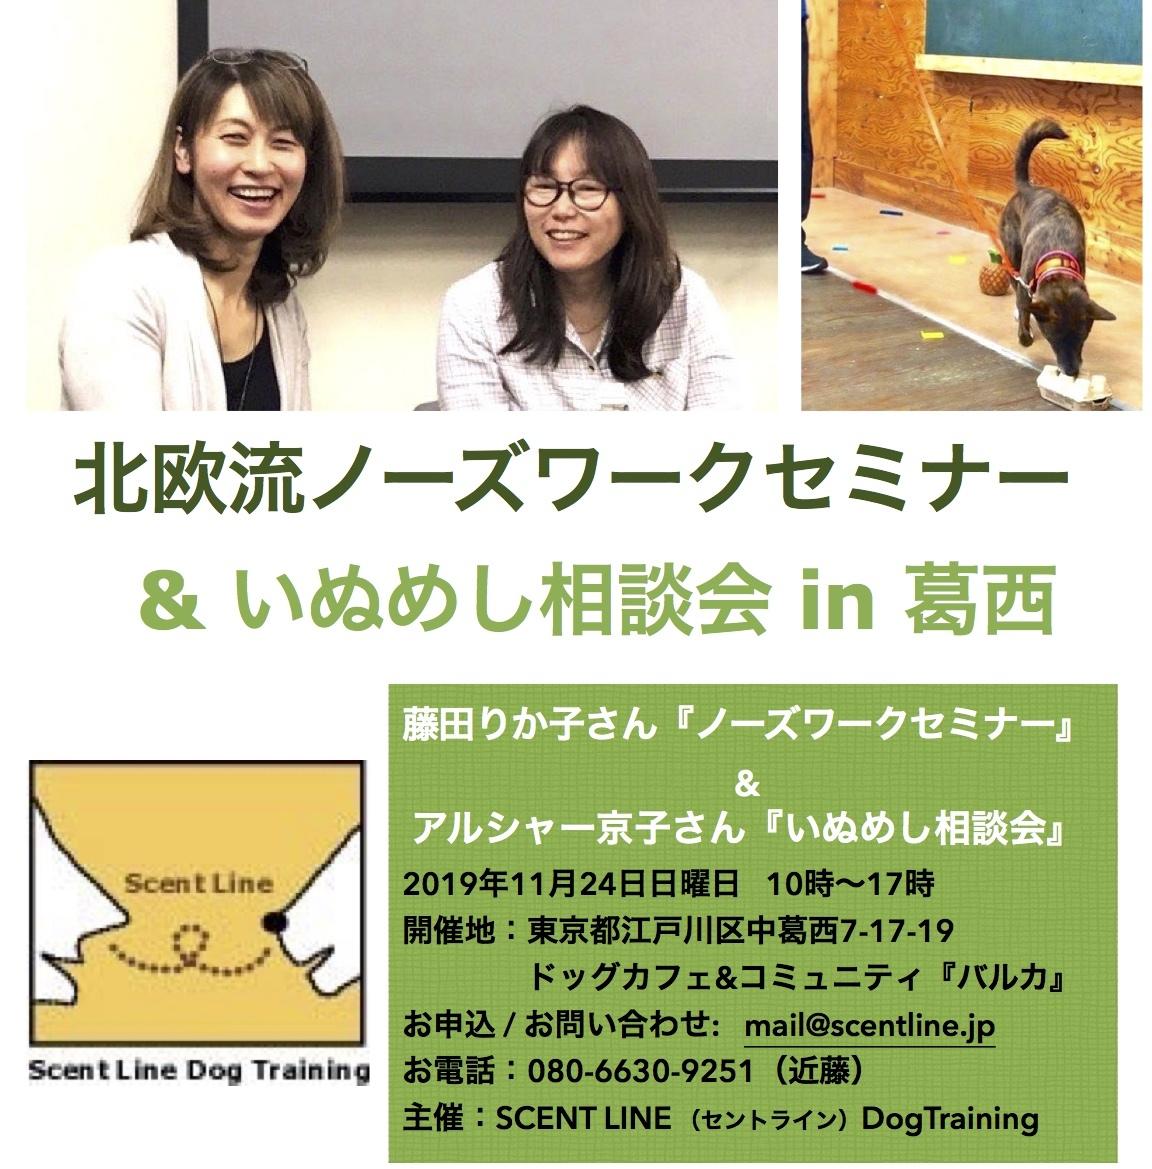 11/24(日)ノーズワークセミナー&いぬめし相談会同時開催!_c0099133_12023702.jpg